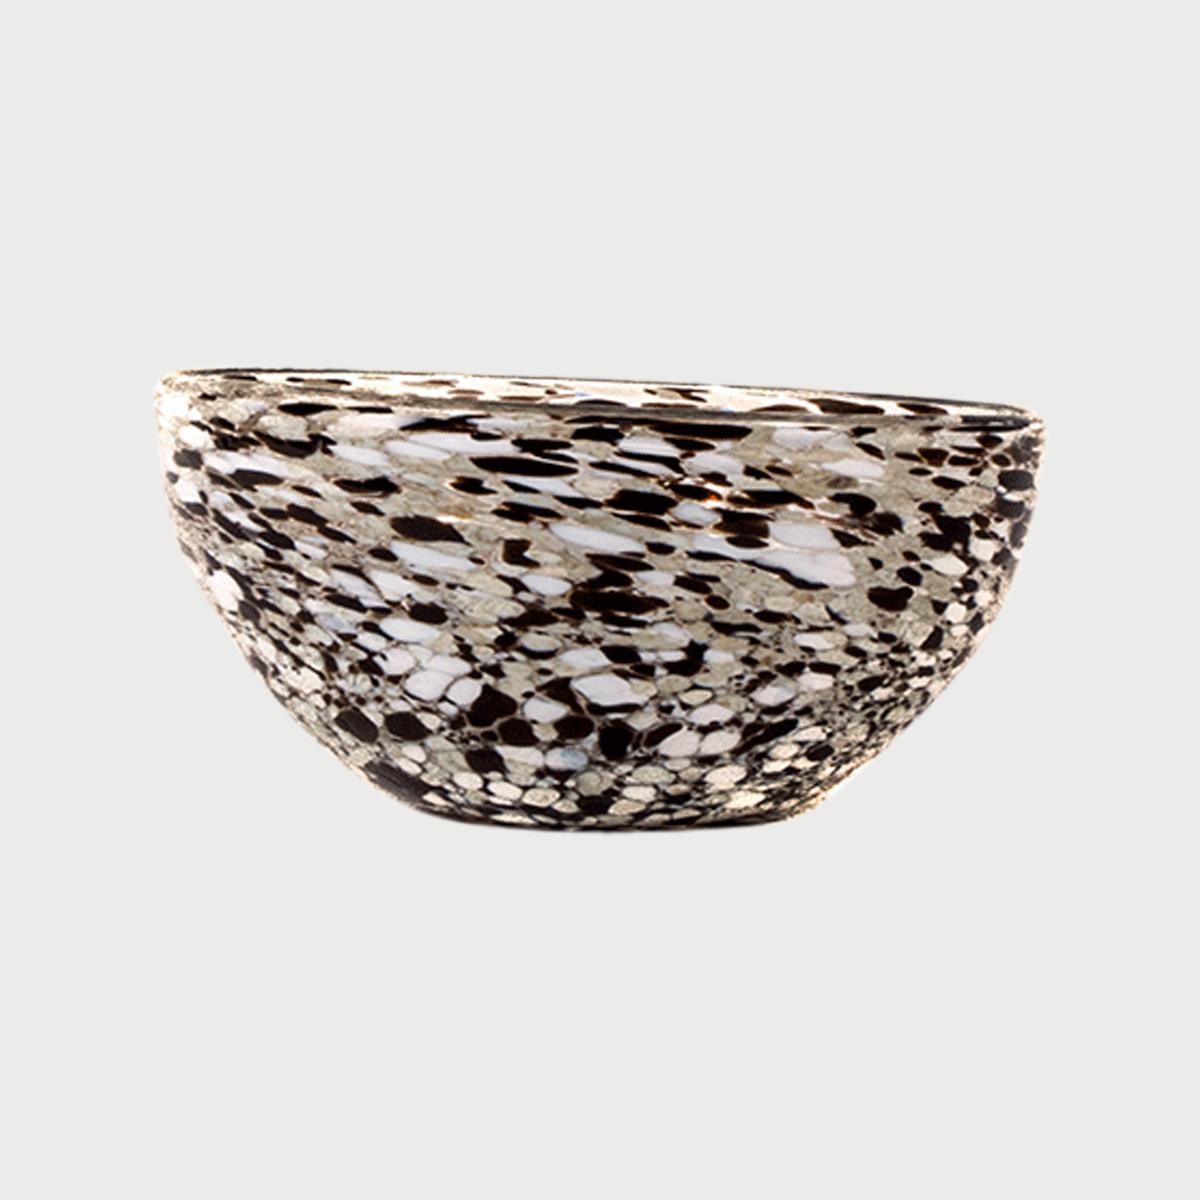 Confetti Glassware